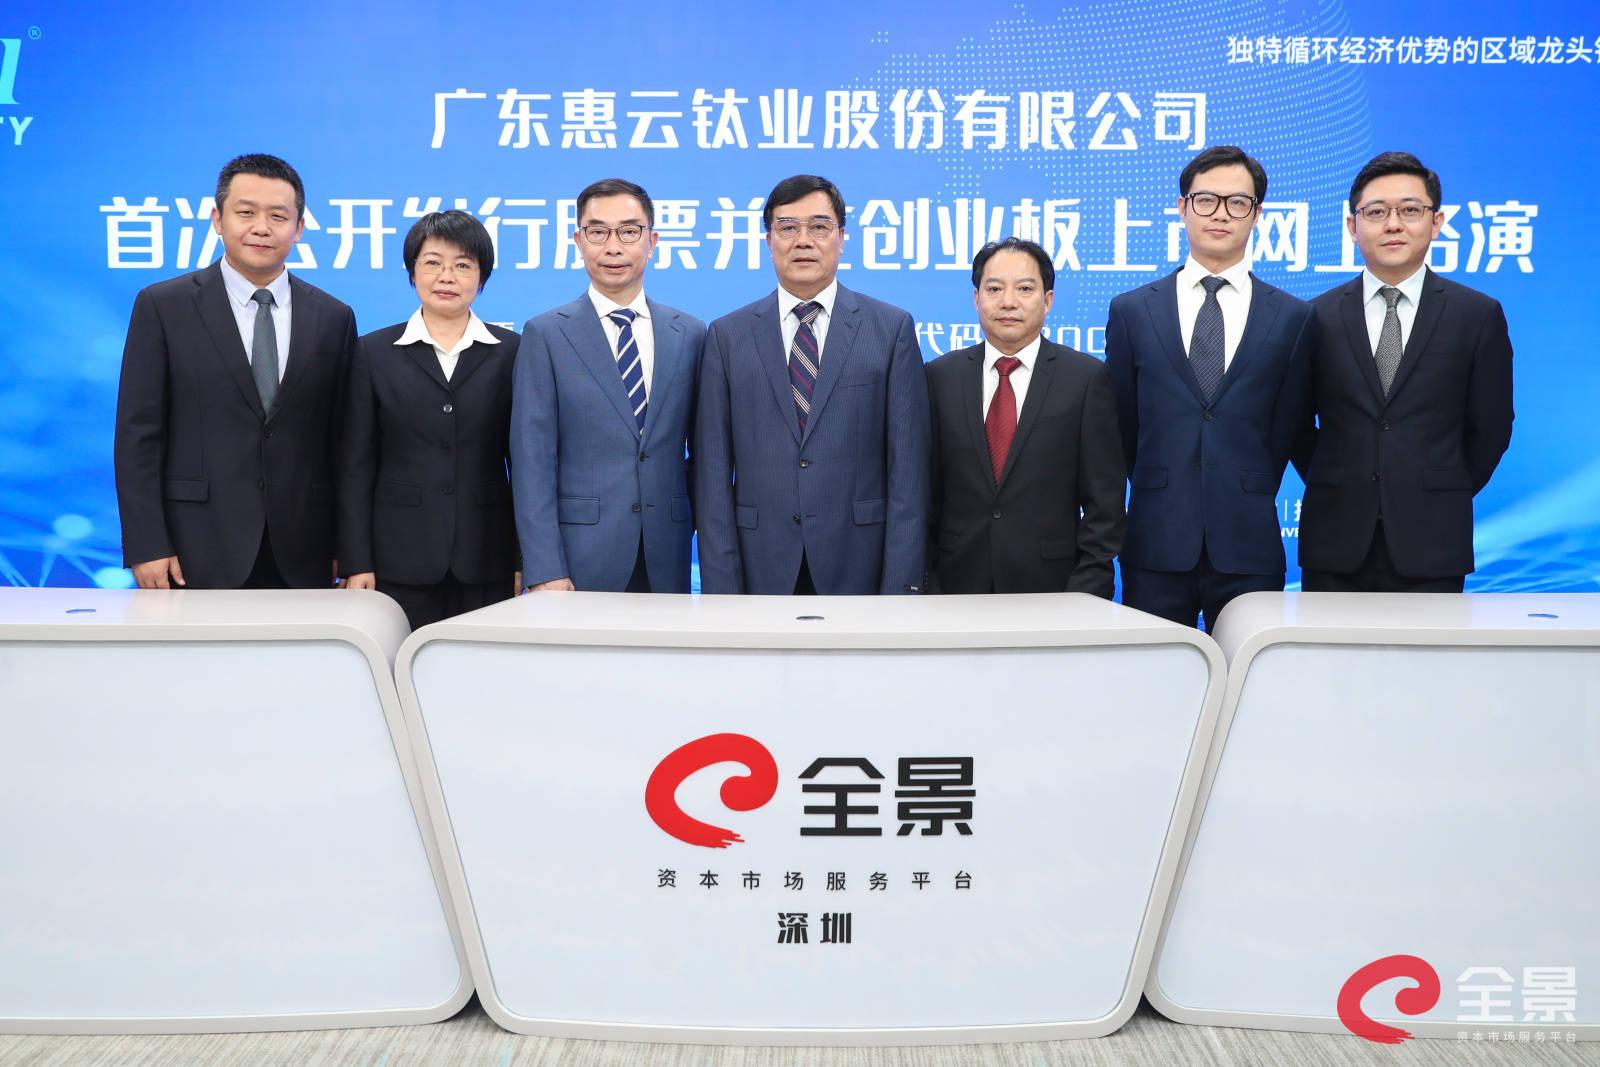 [路演]惠云钛业首次公开发行股票并在创业板上市网上路演在全景网成功举办